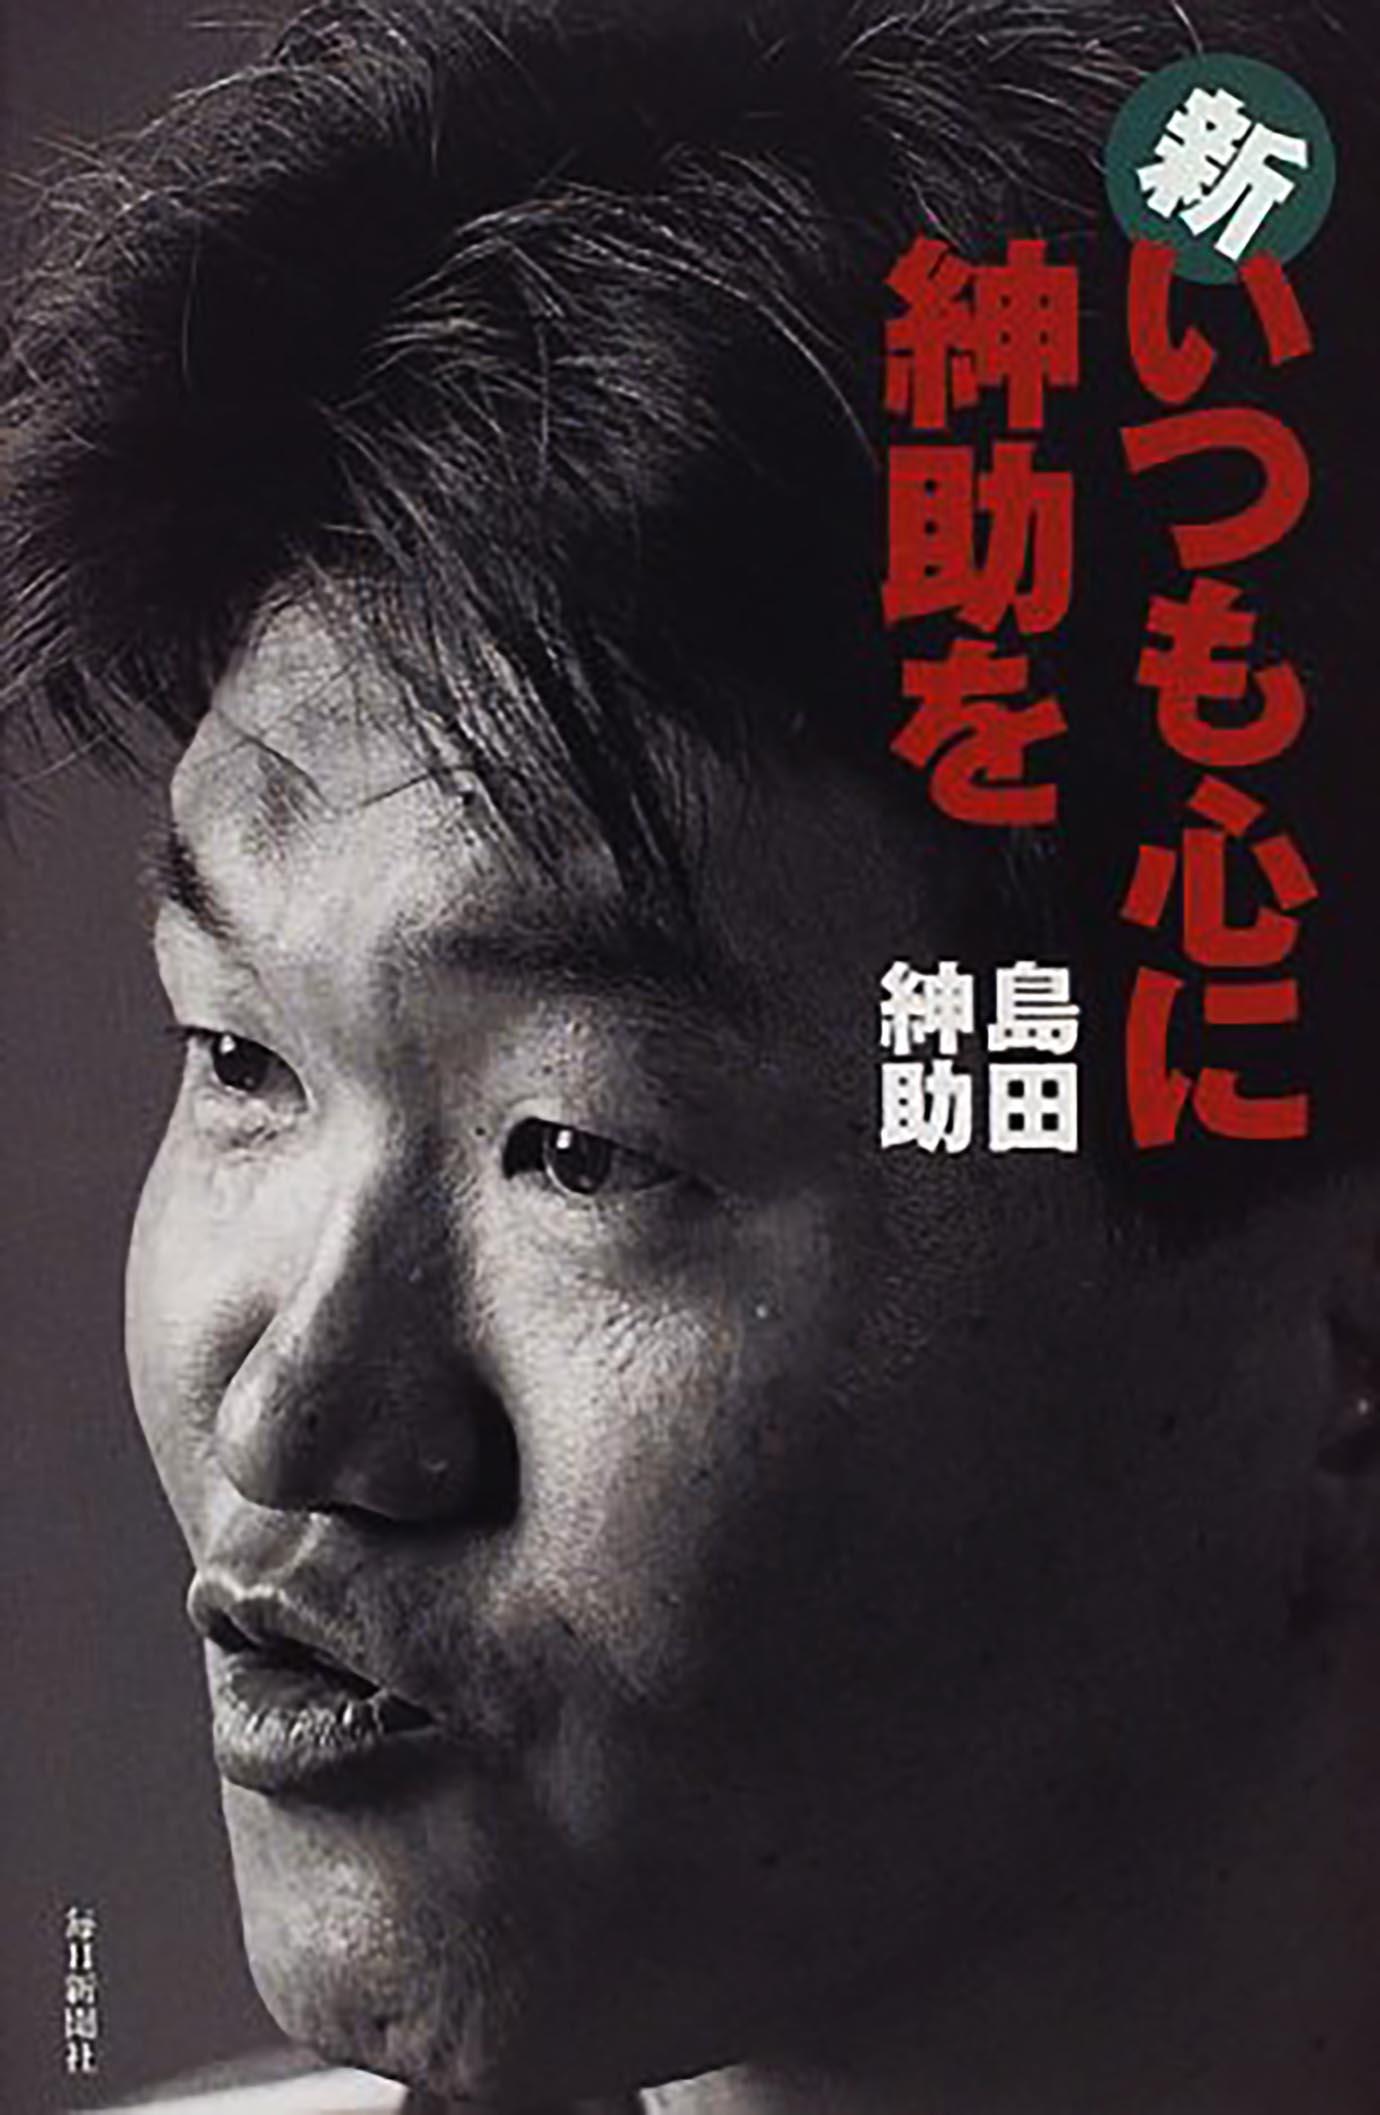 shimada-shinsuke